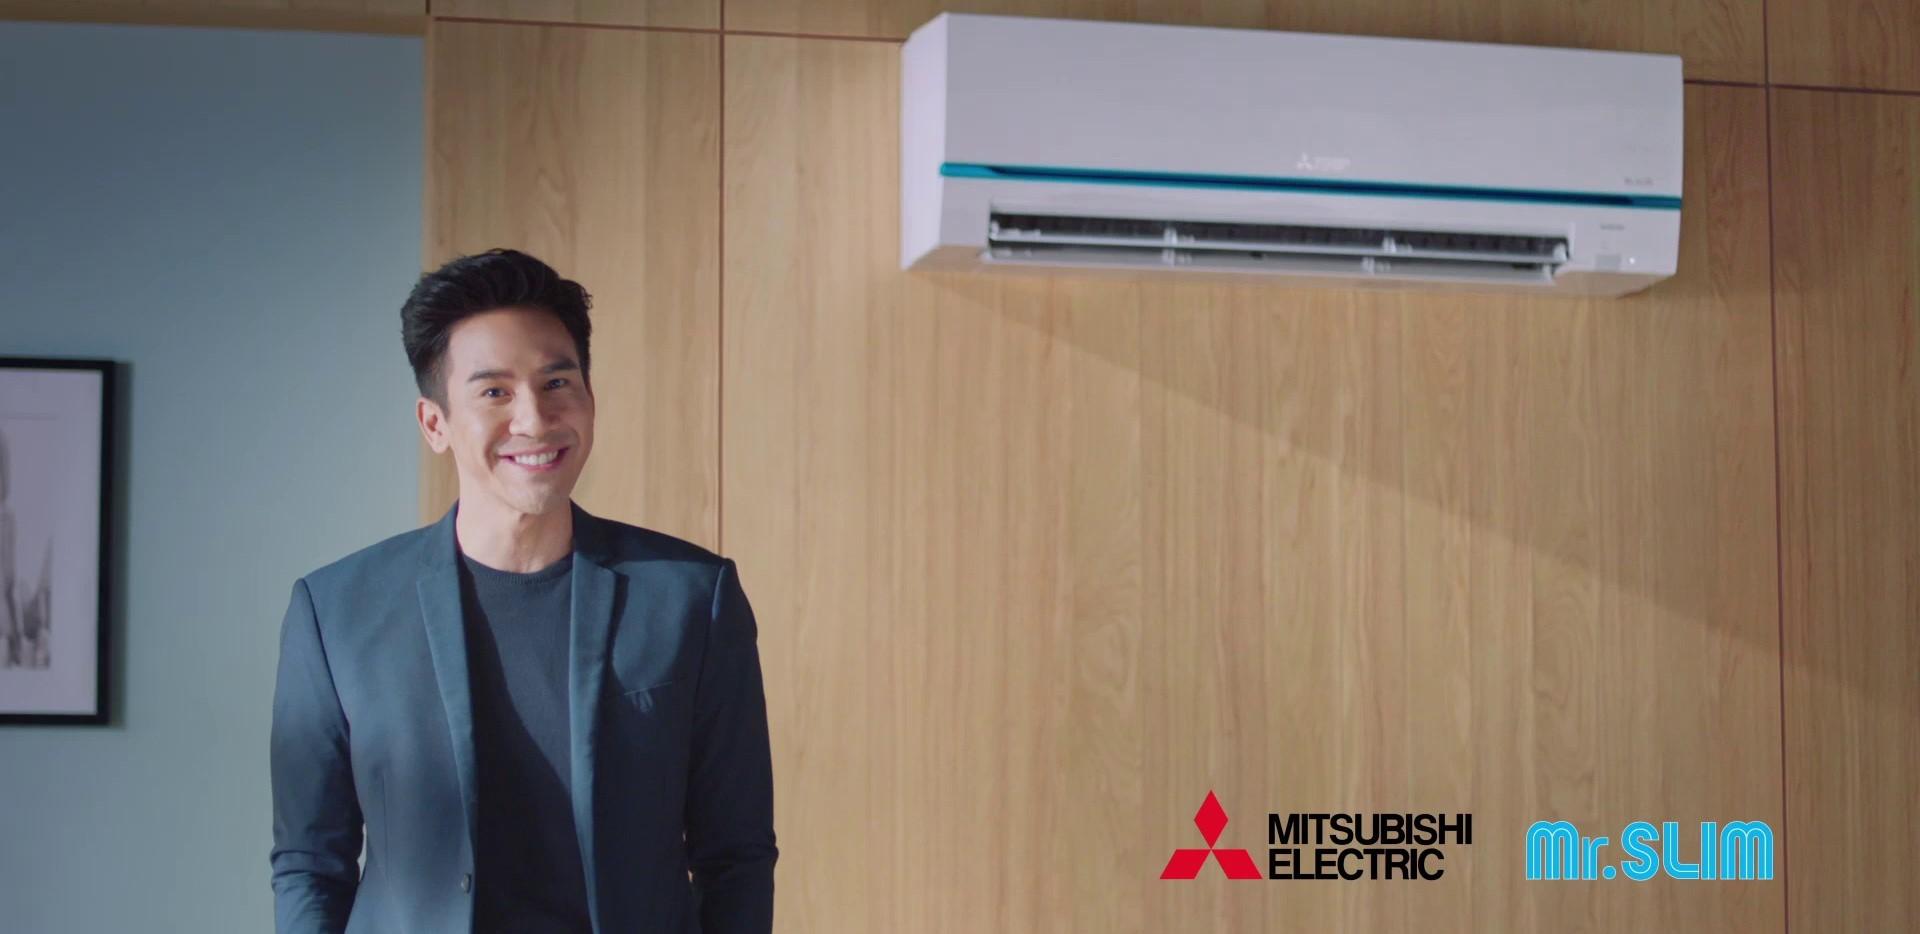 """มิตซูบิชิ อีเล็คทริค ดึง โป๊ป ตอกย้ำผู้นำตลาดเครื่องใช้ไฟฟ้าด้านความเย็นอันดับ 1 """"The Cooling Master"""" 13 -"""